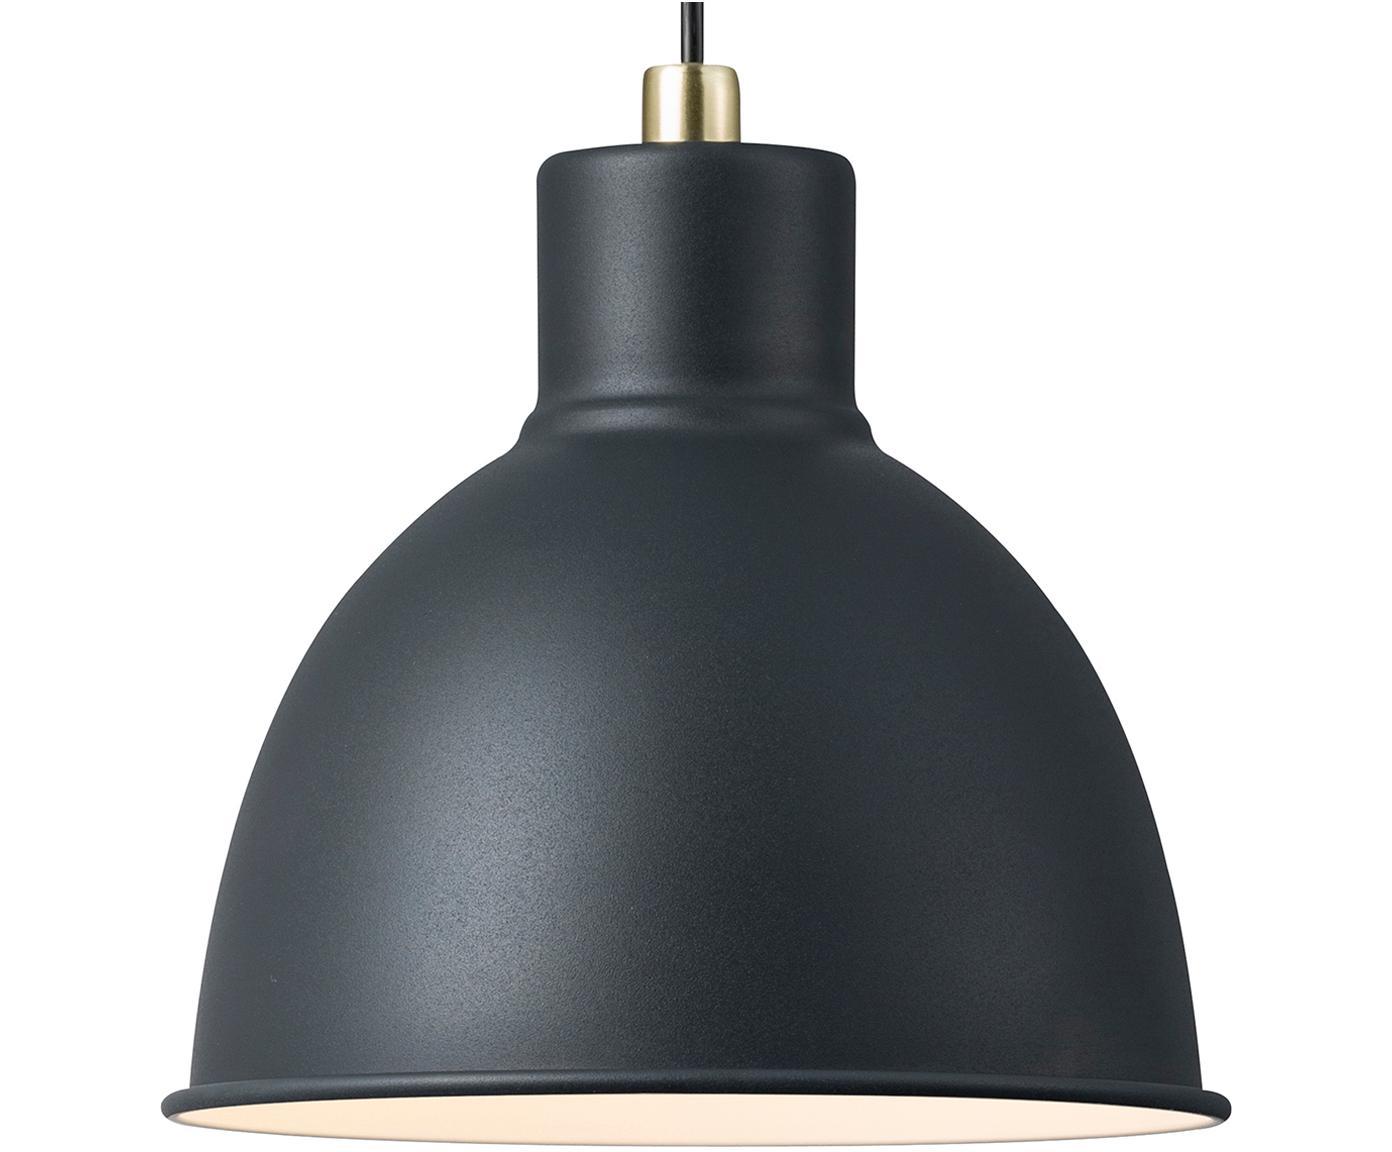 Kleine Skandi-Pendelleuchte Pop, Lampenschirm: Metall, beschichtet, Baldachin: Kunststoff, Anthrazit, Ø 21 x H 24 cm